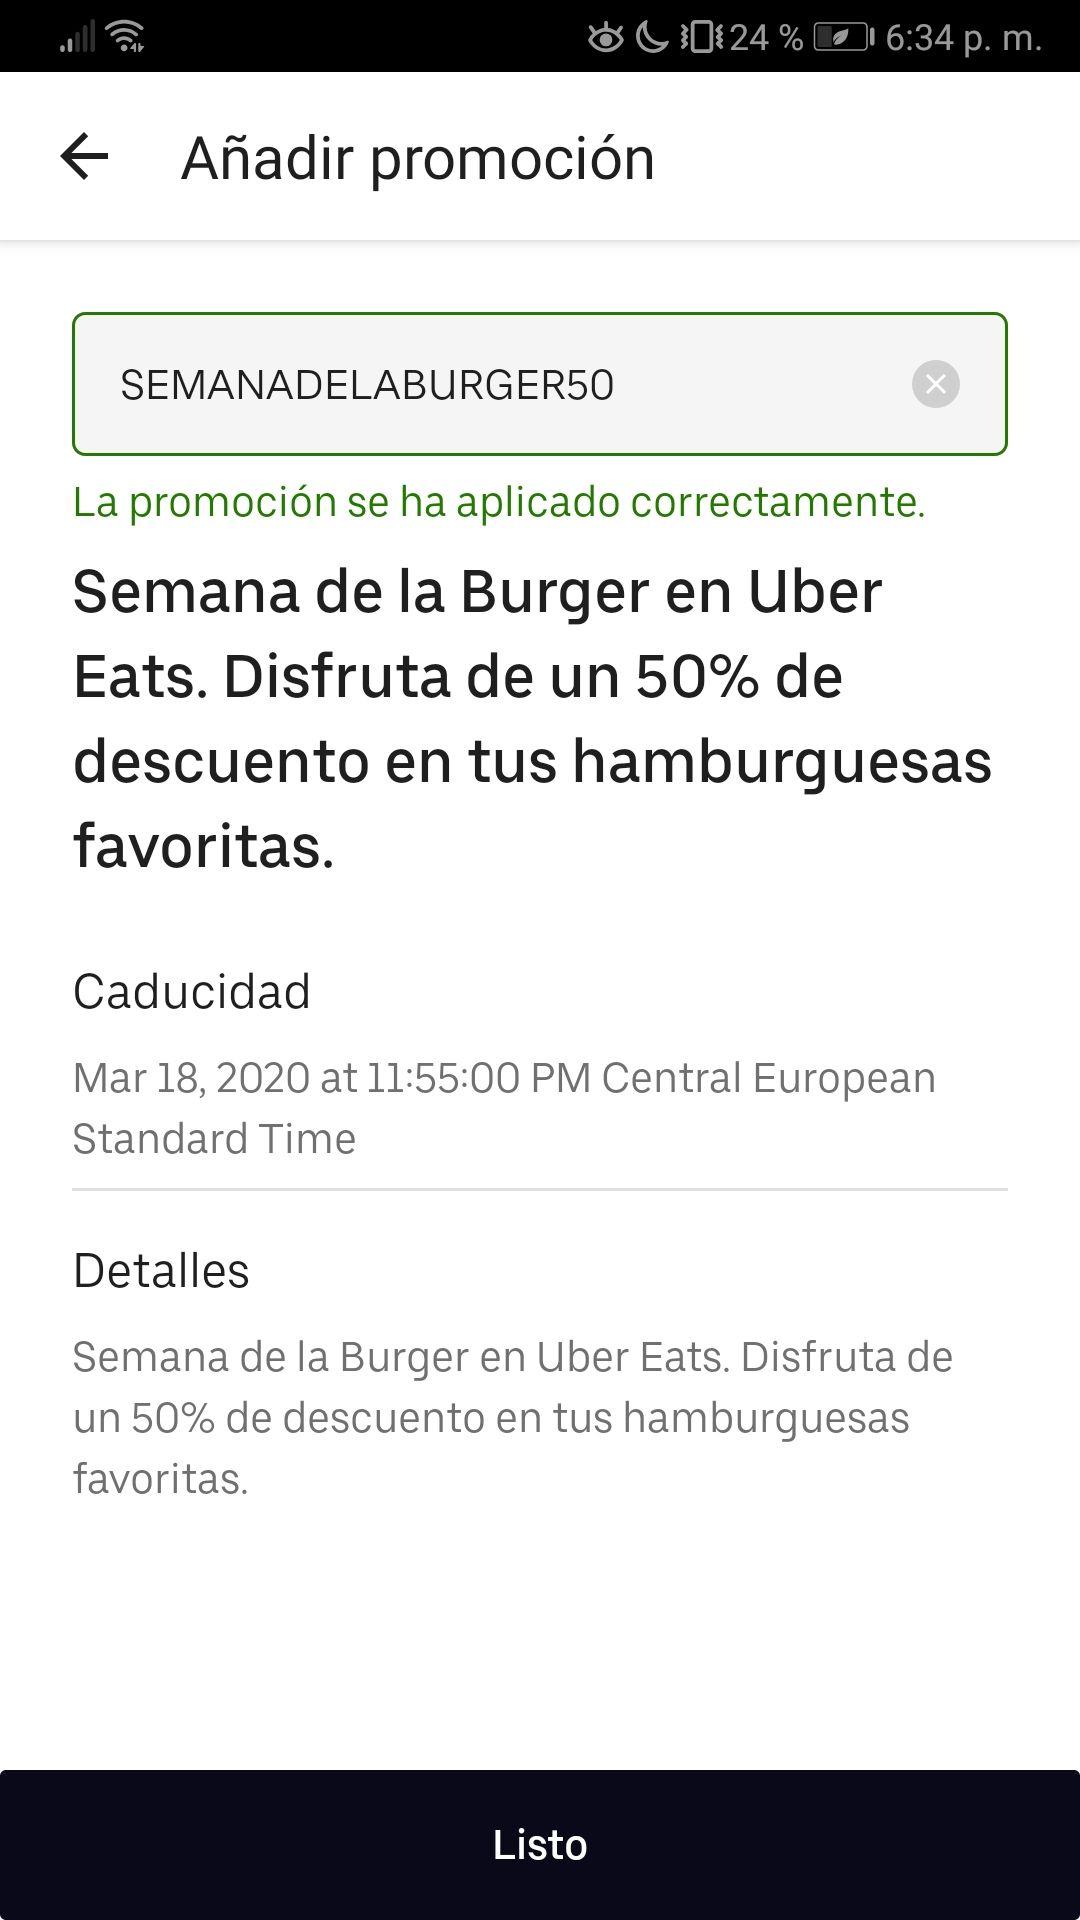 50% Descuento en hamburguesas